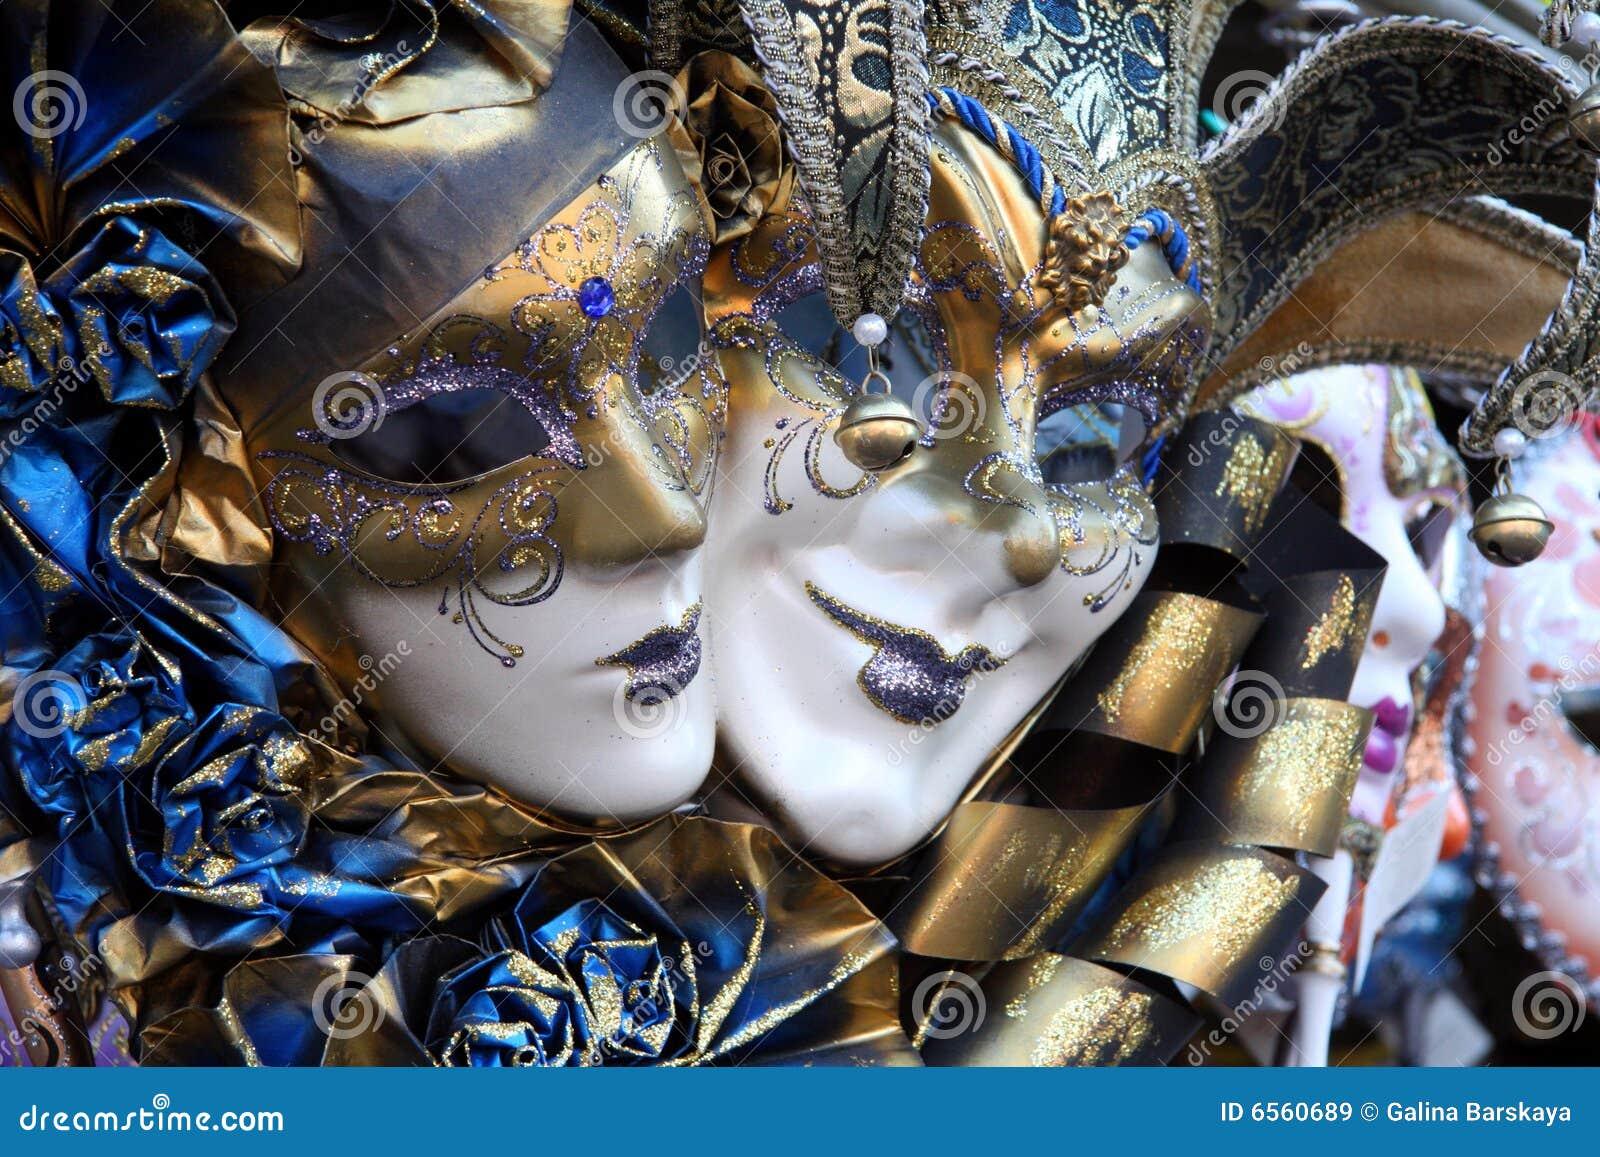 uniek carnaval masker maken